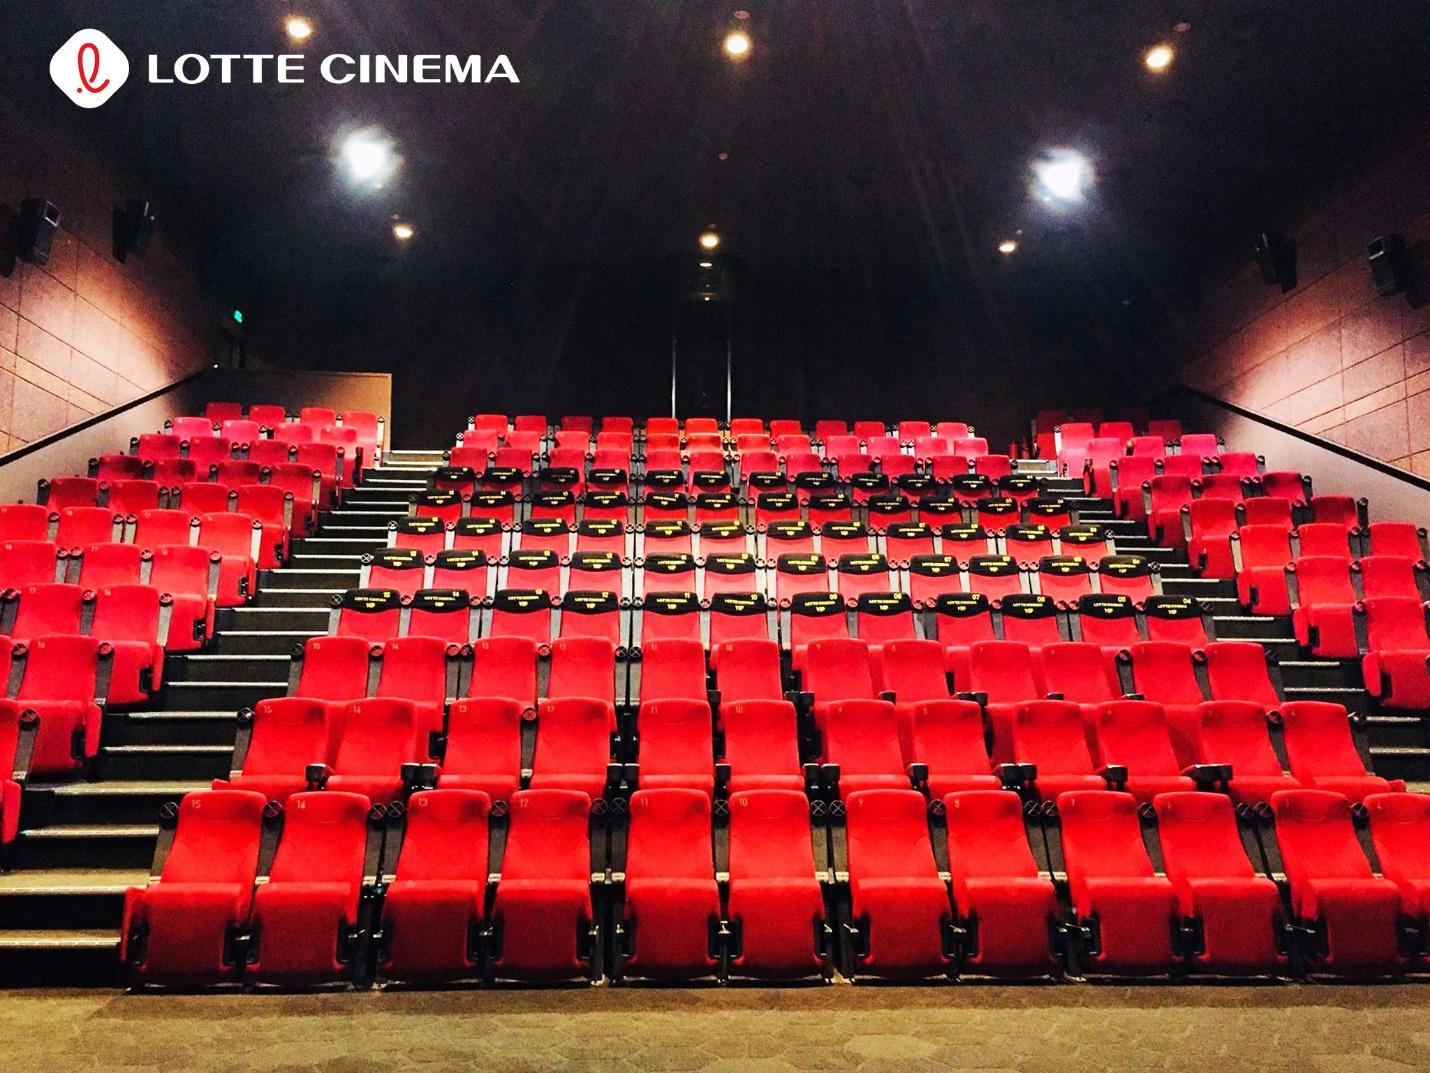 Khai trương cụm rạp Lotte Cinema Nha Trang với ưu đãi mua 1 tặng 1 - Ảnh 3.